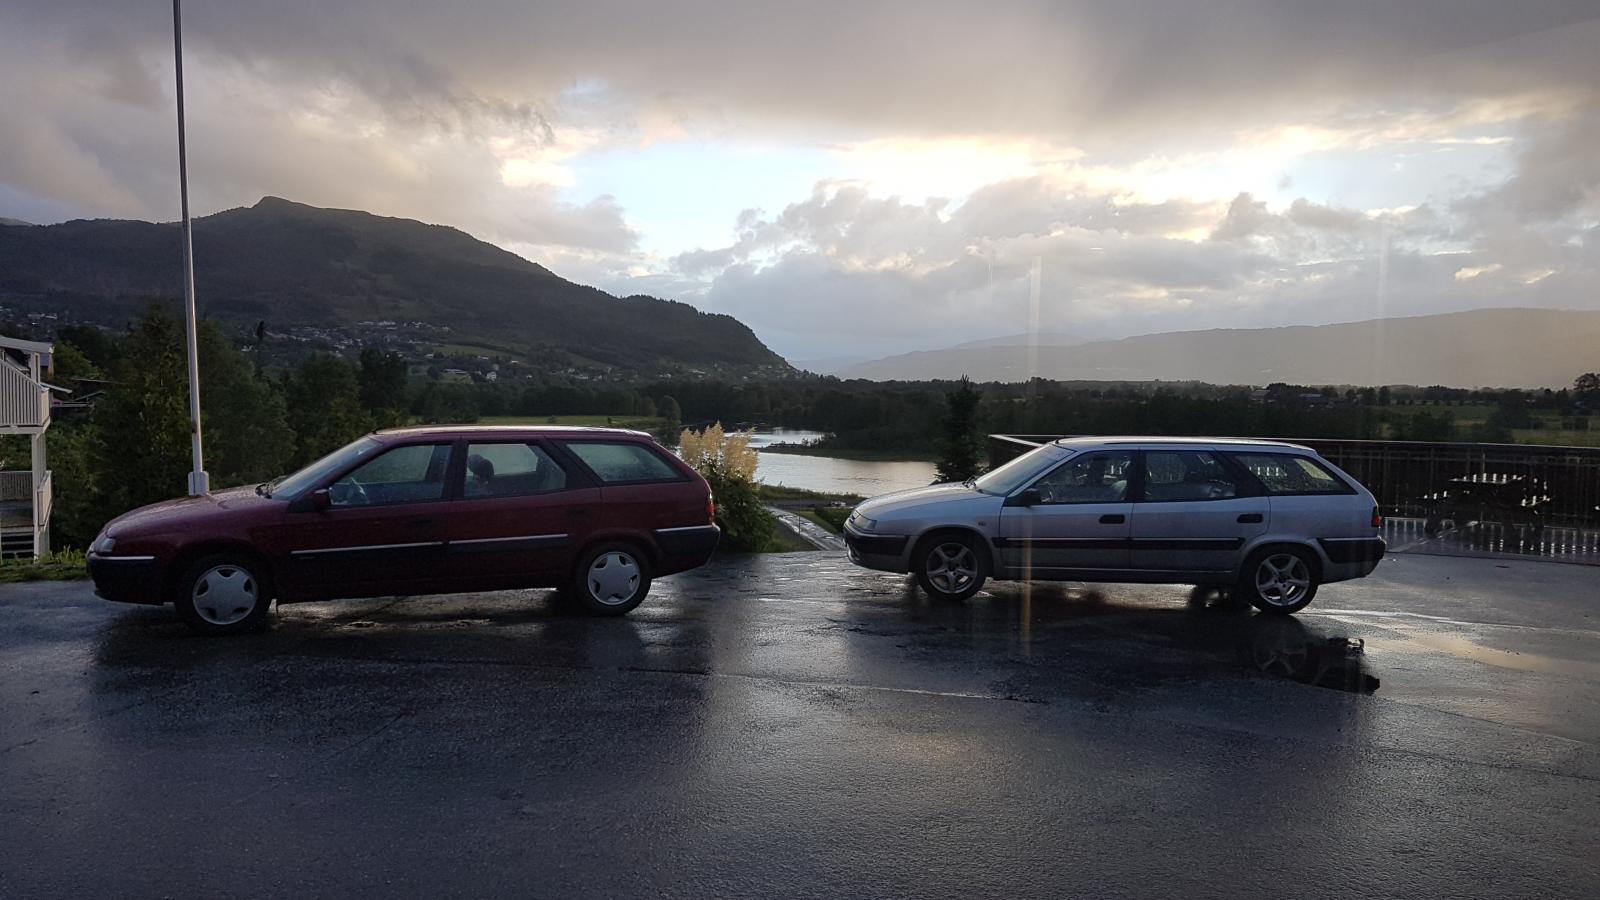 Xantias in Norwegen.jpg